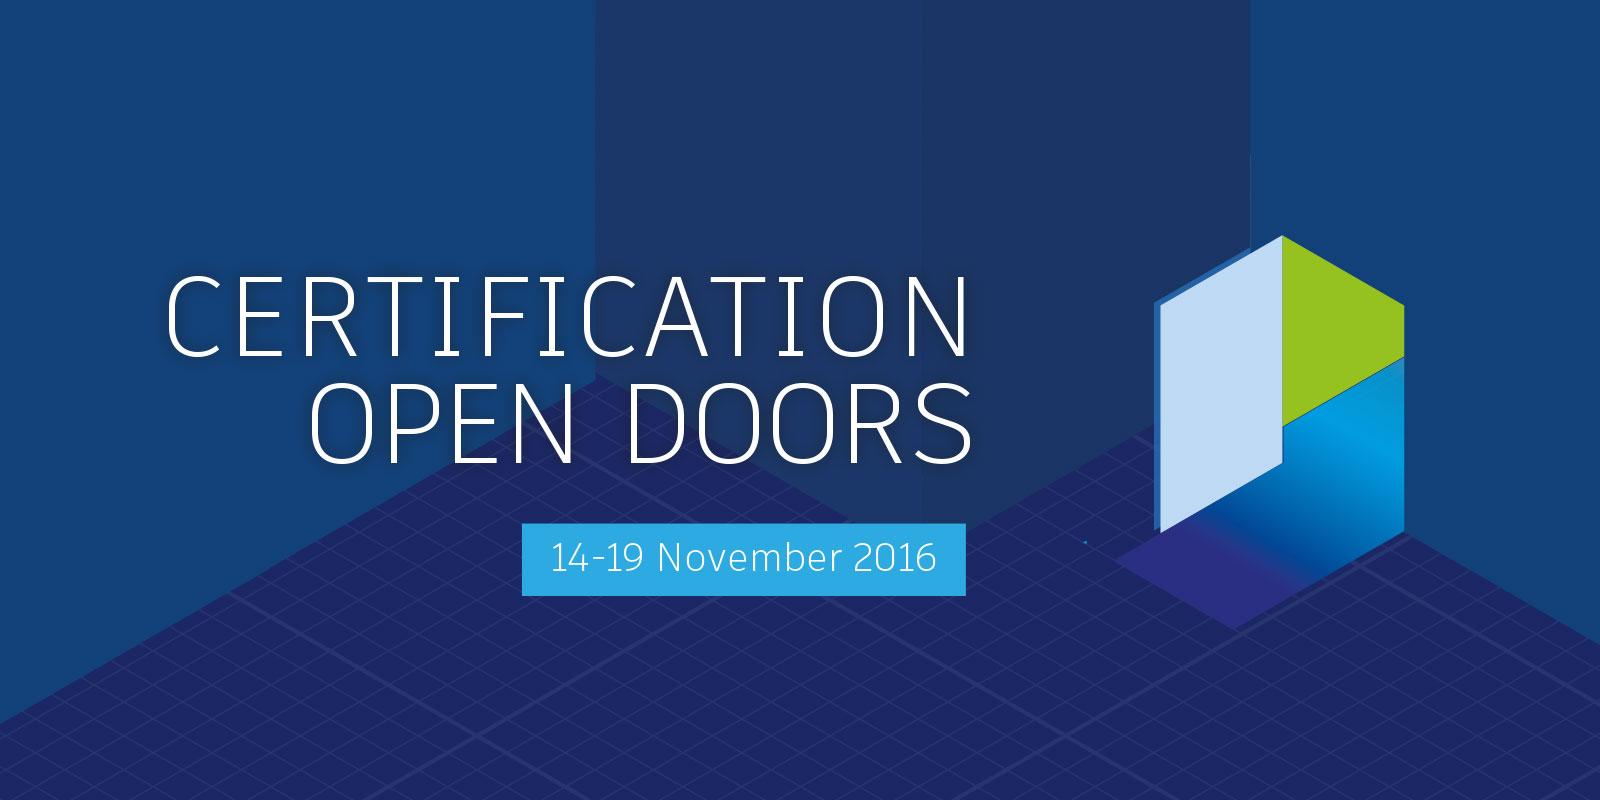 Certification Open Doors 2016